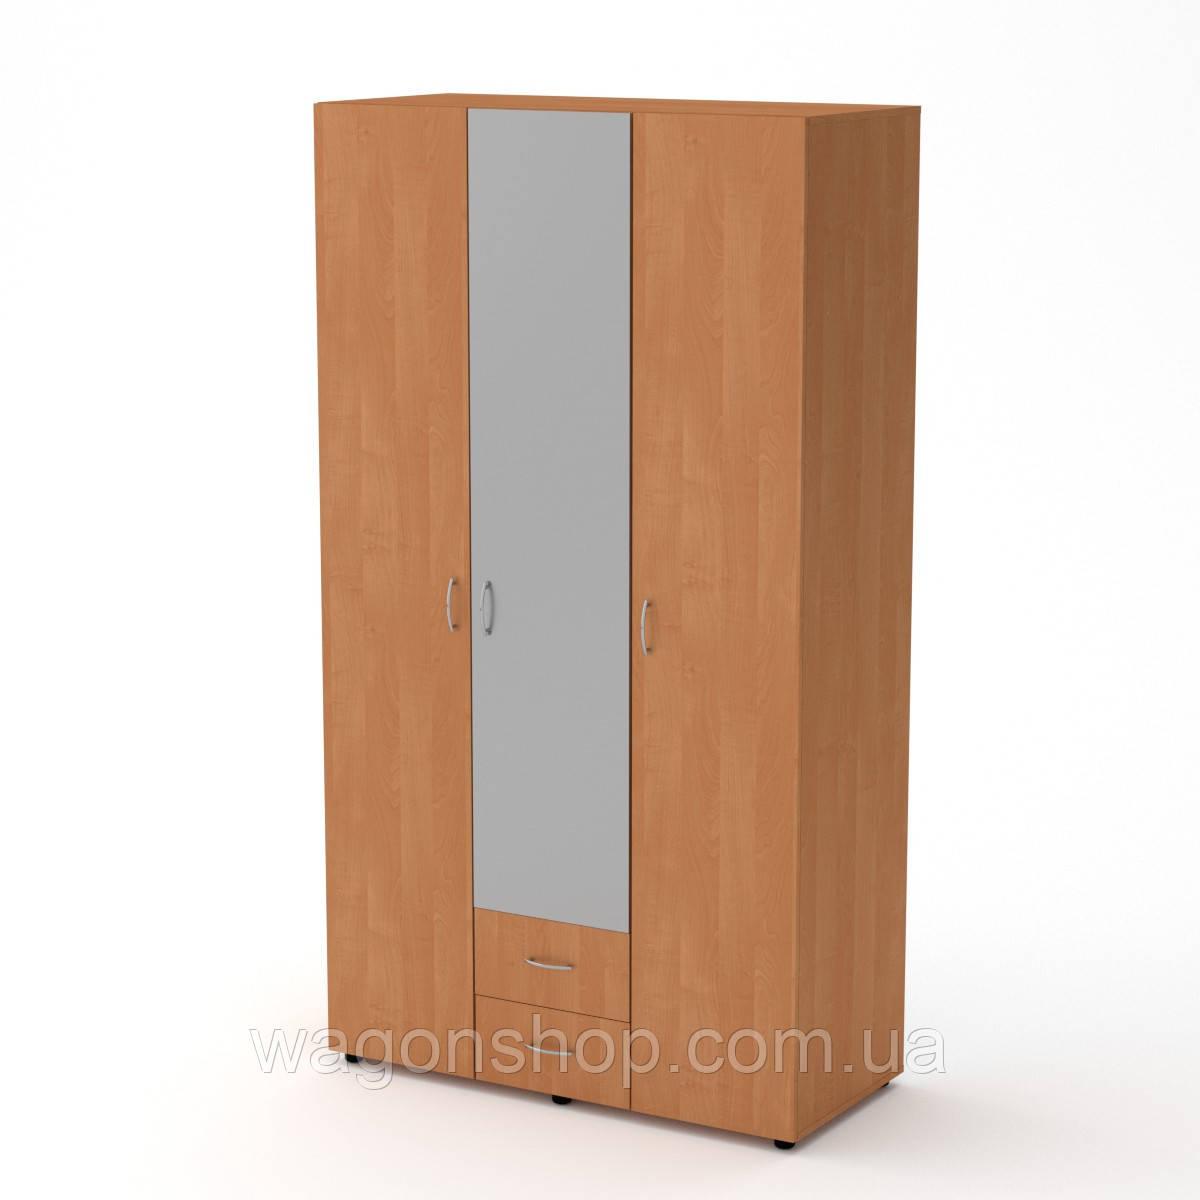 Шкаф для спальни Компанит ШКАФ-6